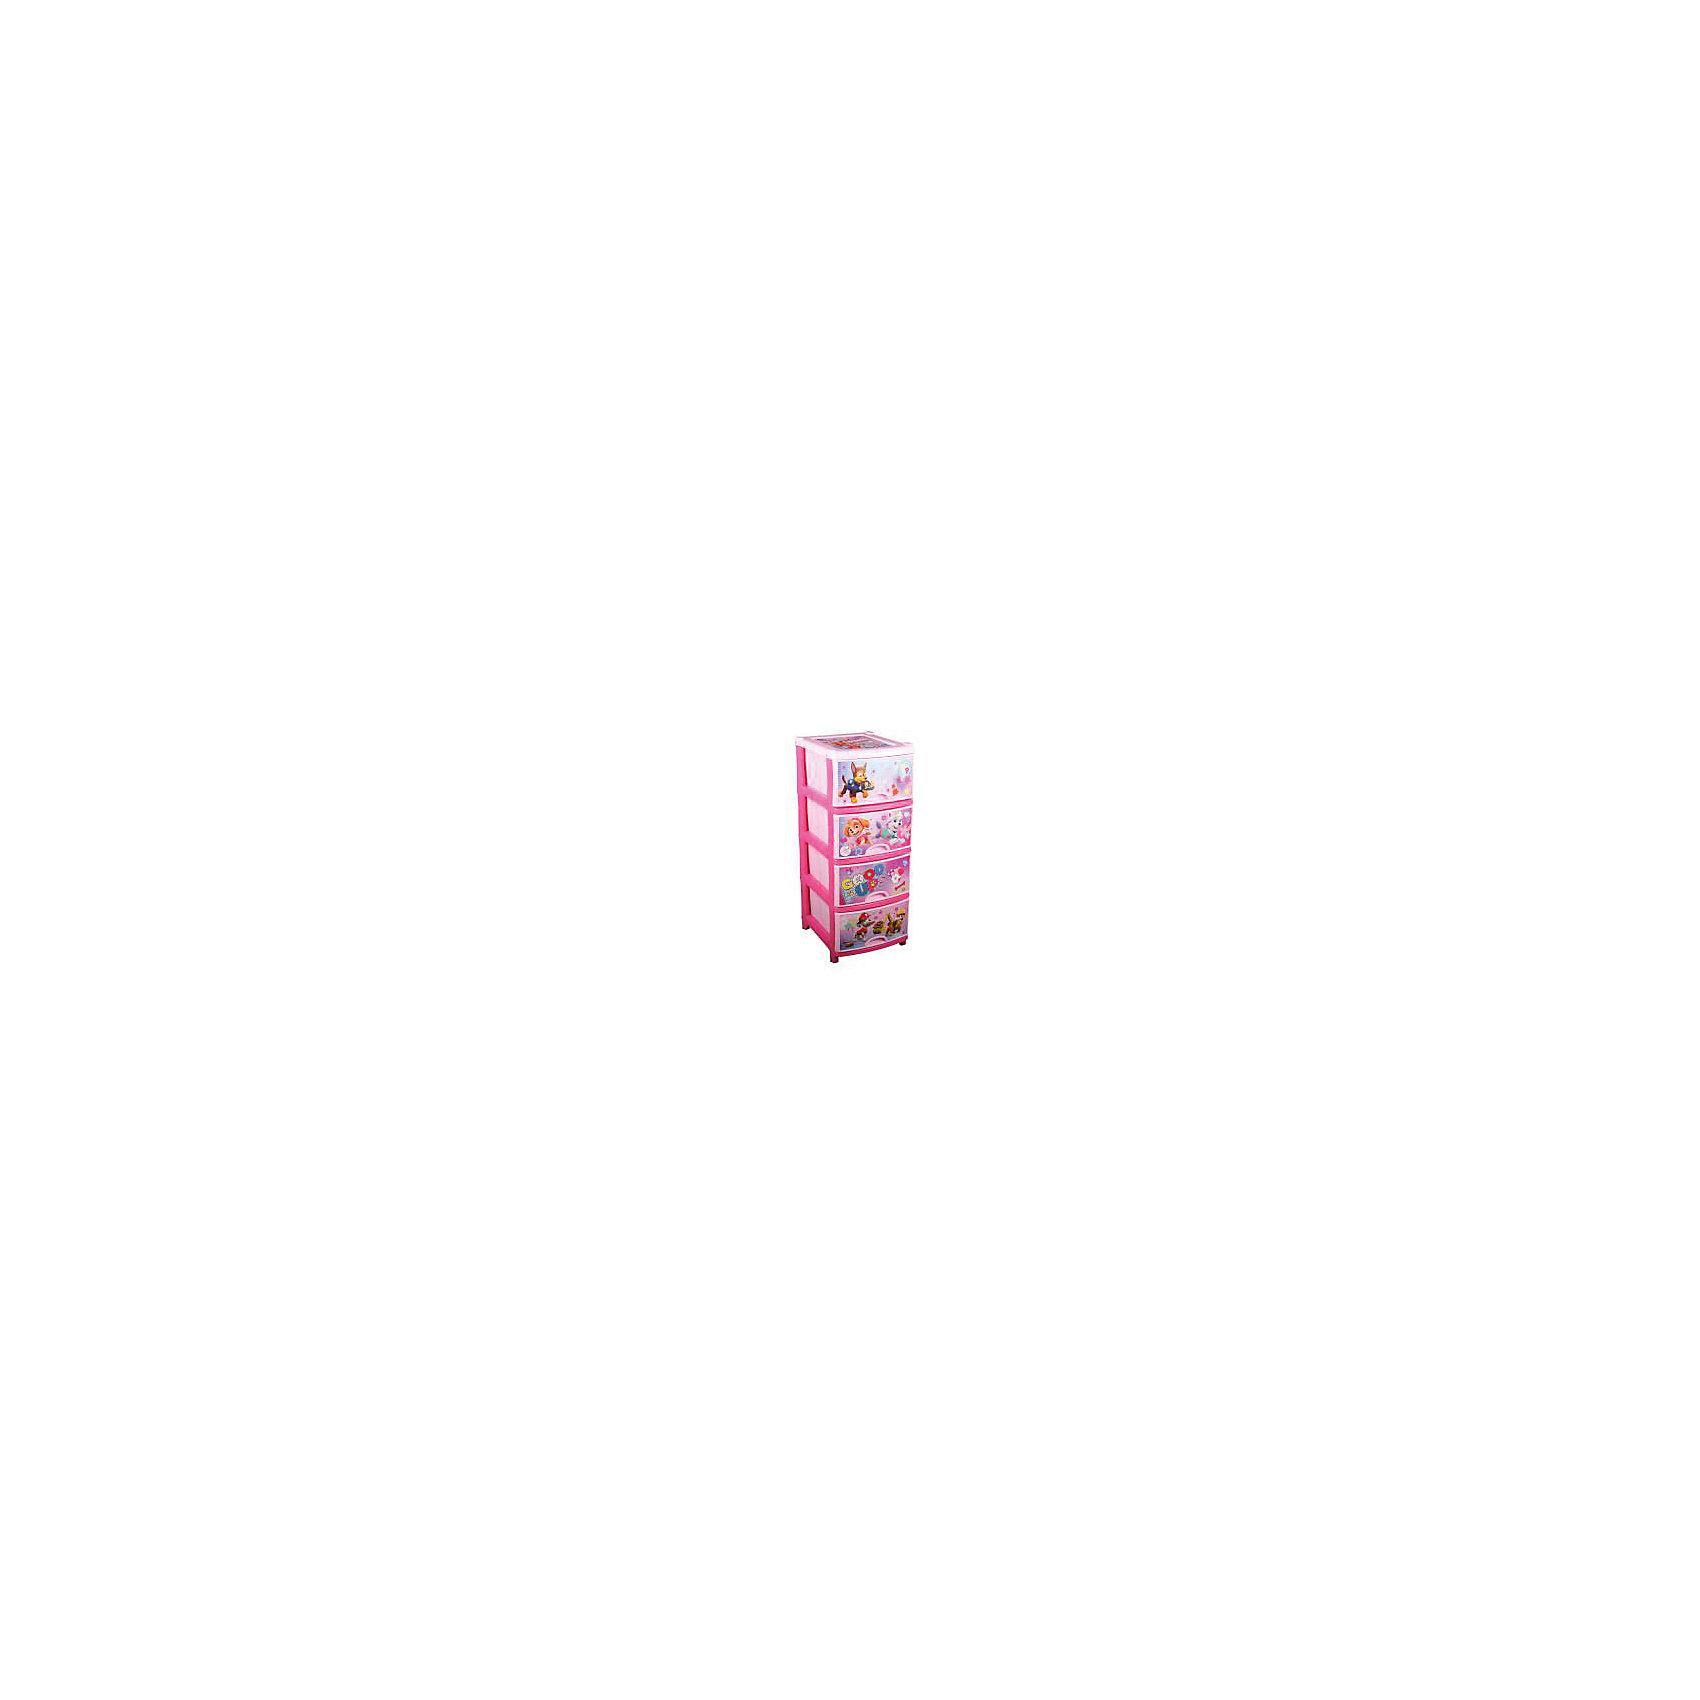 Комод Щенячий патруль №1 для девочек 4-х секц. , AlternativaКомод Щенячий патруль №1 для девочек 4-х секц. , Alternativa (Альтернатива)<br><br>Характеристики:<br><br>• 4 вместительных отделения<br>• удобные ручки-выемки<br>• нескользящие ножки<br>• красочное изображение героев мультфильма Щенячий патруль<br>• размер: 48х38х98 см<br>• цвет: розовый<br>• вес: 3,4 кг<br><br>Юные поклонницы мультфильма Щенячий патруль непременно порадуются яркому комоду с изображением любимых собачек. Комод имеет четыре вместительные секции с удобными полукруглыми ручками-выемками. Комод подойдет для детского белья, игрушек или других необходимых предметов. Комод изготовлен из прочного пластика с нанесенным рисунком и имеет четыре нескользящие ножки. Он станет прекрасным украшением и полезной мебелью для детской комнаты.<br><br>Комод Щенячий патруль №1 для девочек 4-х секц. , Alternativa (Альтернатива) можно купить в нашем интернет-магазине.<br><br>Ширина мм: 480<br>Глубина мм: 380<br>Высота мм: 980<br>Вес г: 3400<br>Возраст от месяцев: 36<br>Возраст до месяцев: 1188<br>Пол: Женский<br>Возраст: Детский<br>SKU: 5475641